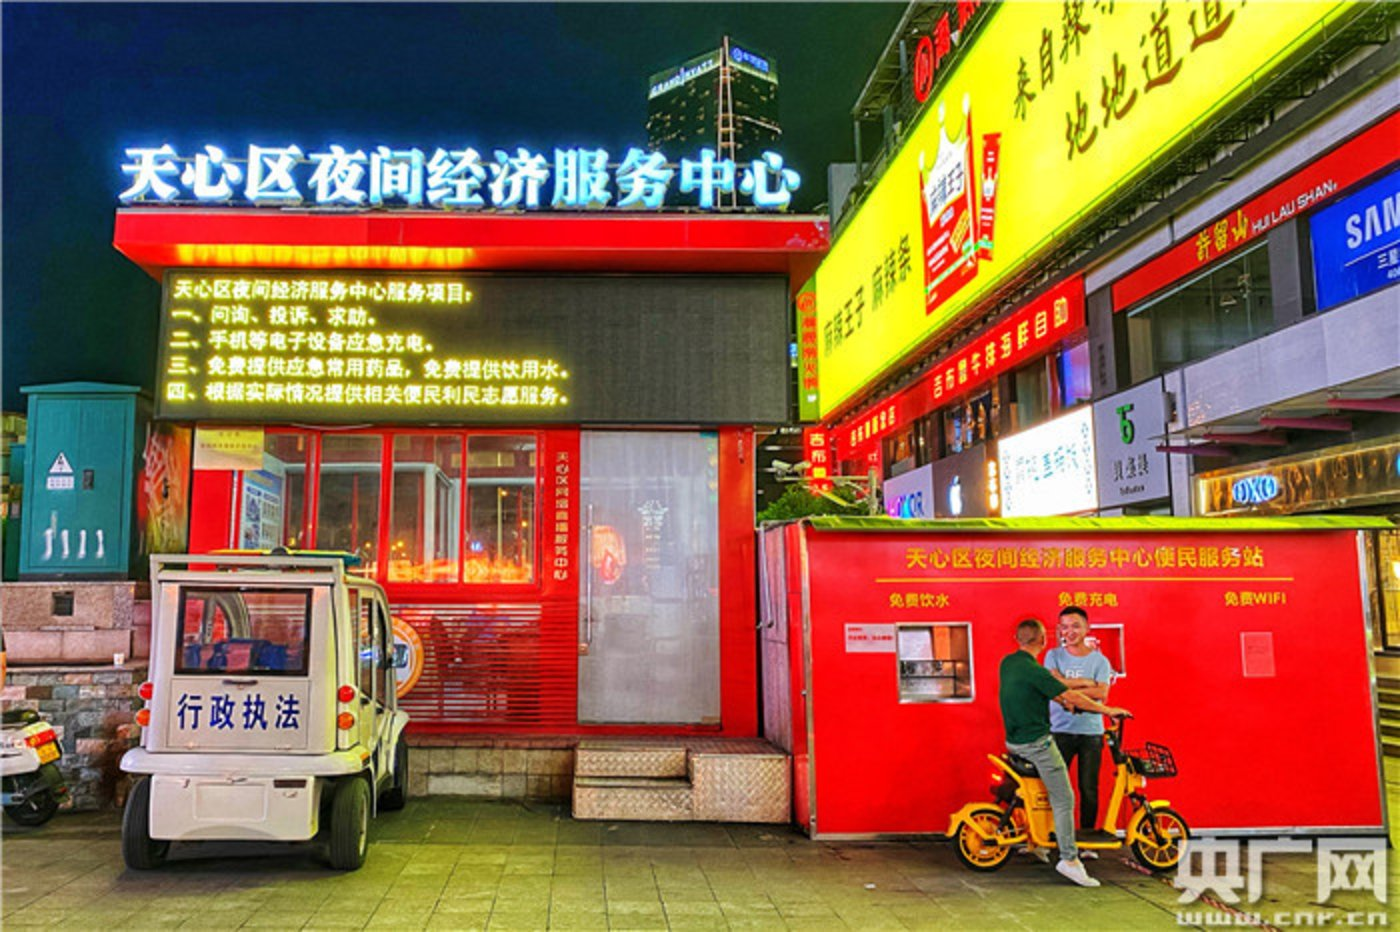 位于黄兴广场的长沙市天心区夜间经济服务中心(图片来源于中央广播电视总台央广记者 尧遥 )